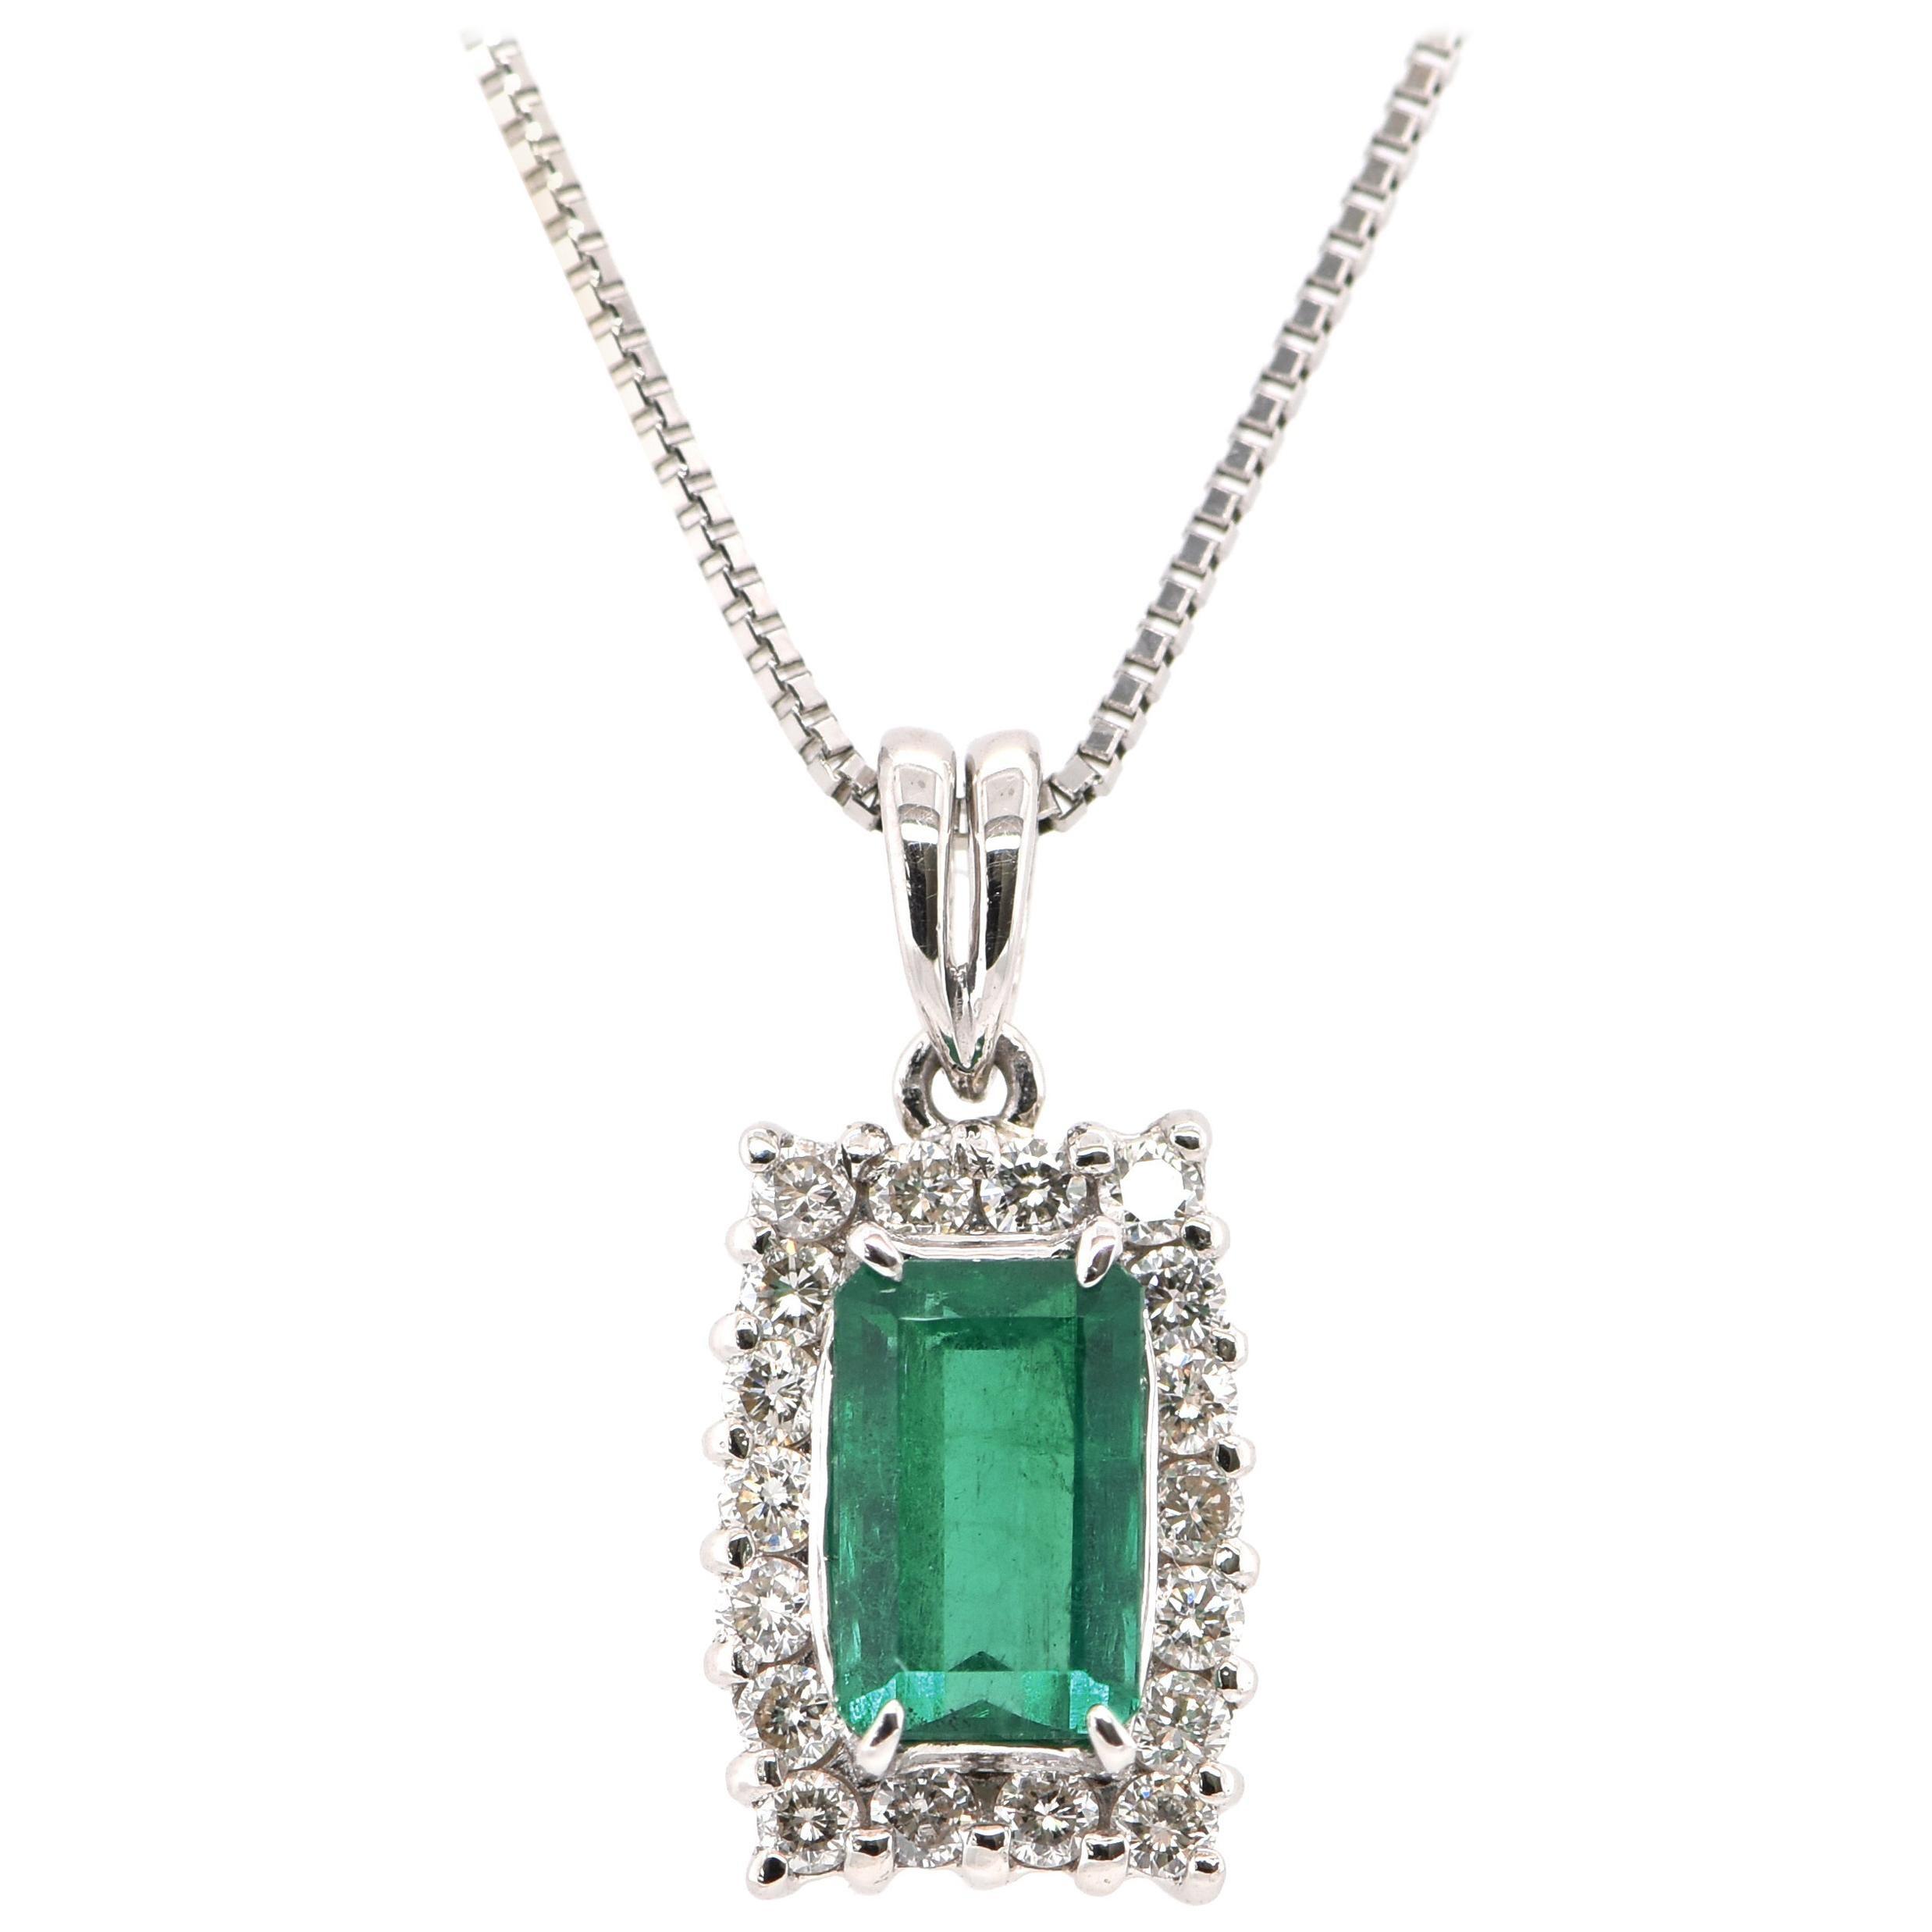 0.78 Carat Natural Emerald and Diamond Pendant Set in Platinum